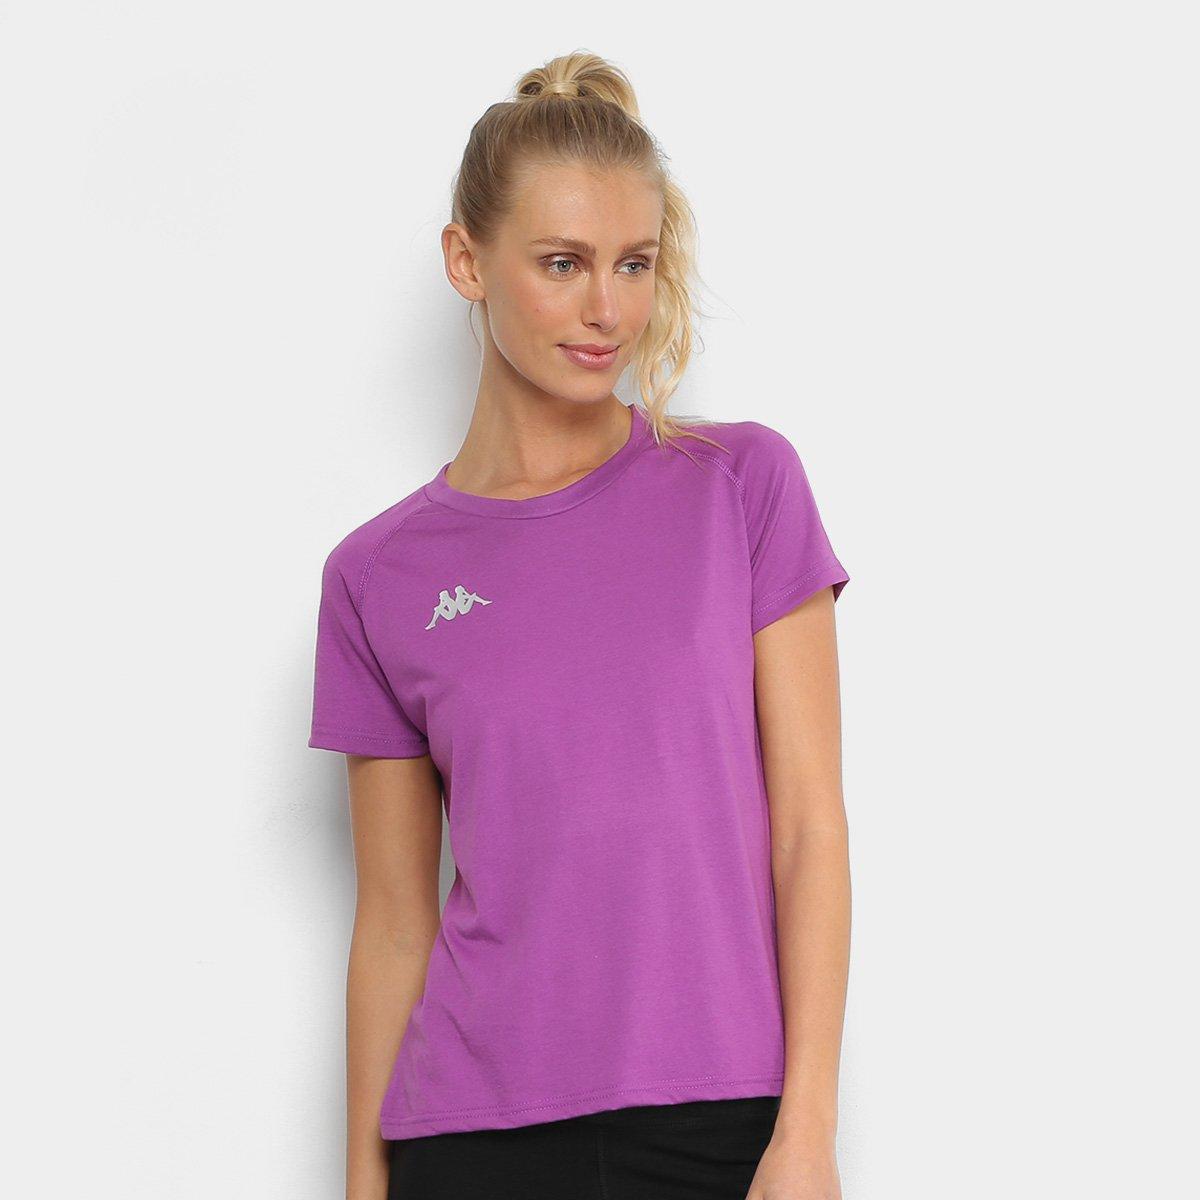 Camiseta Kappa Verona Feminina 63f7844e67507